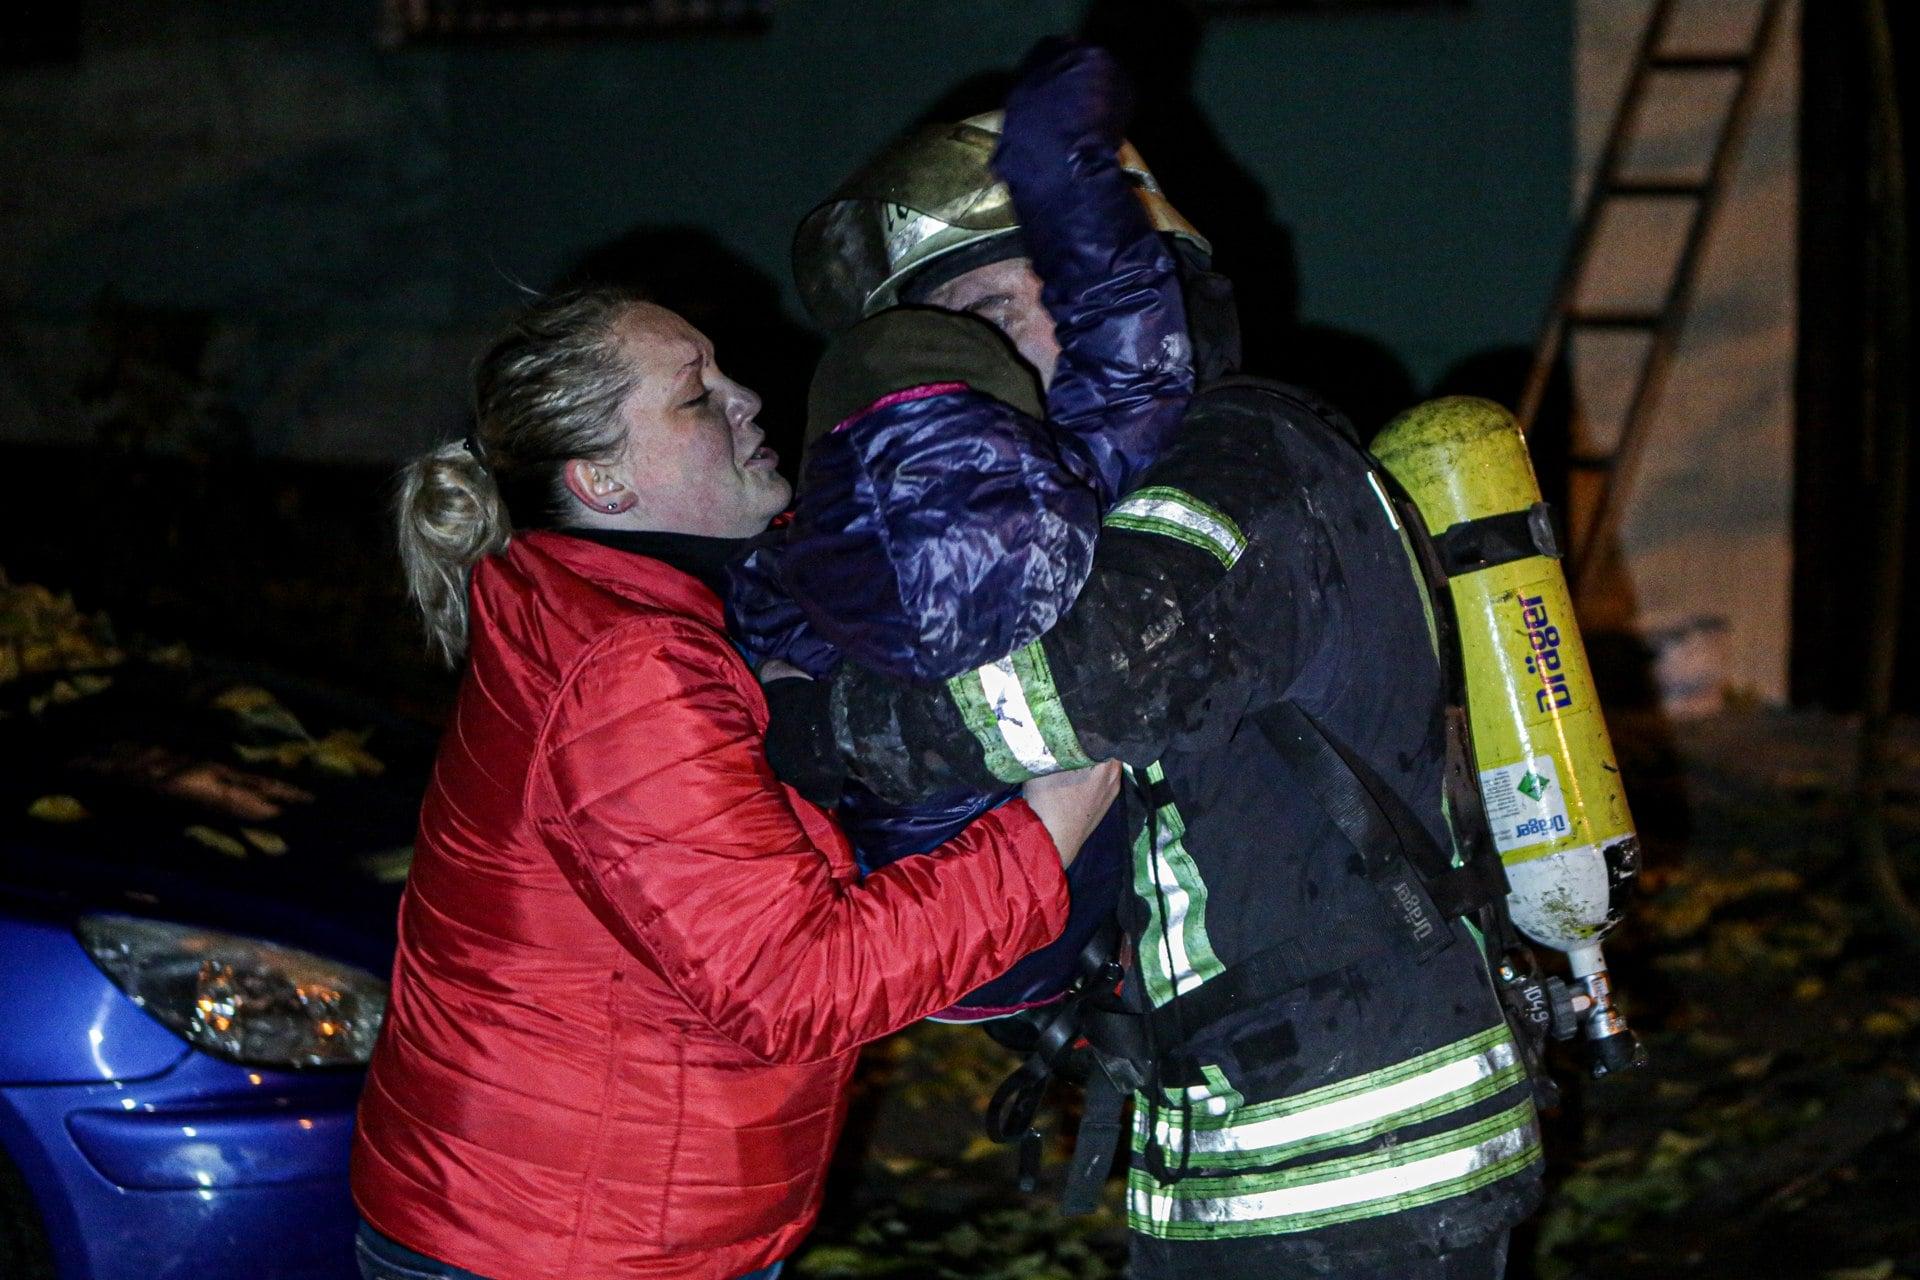 Підпал автошин у багатоповерхівці Києва міг закінчитись трагічно - пожежа - 125869218 3491294154283835 6854926617421534700 o